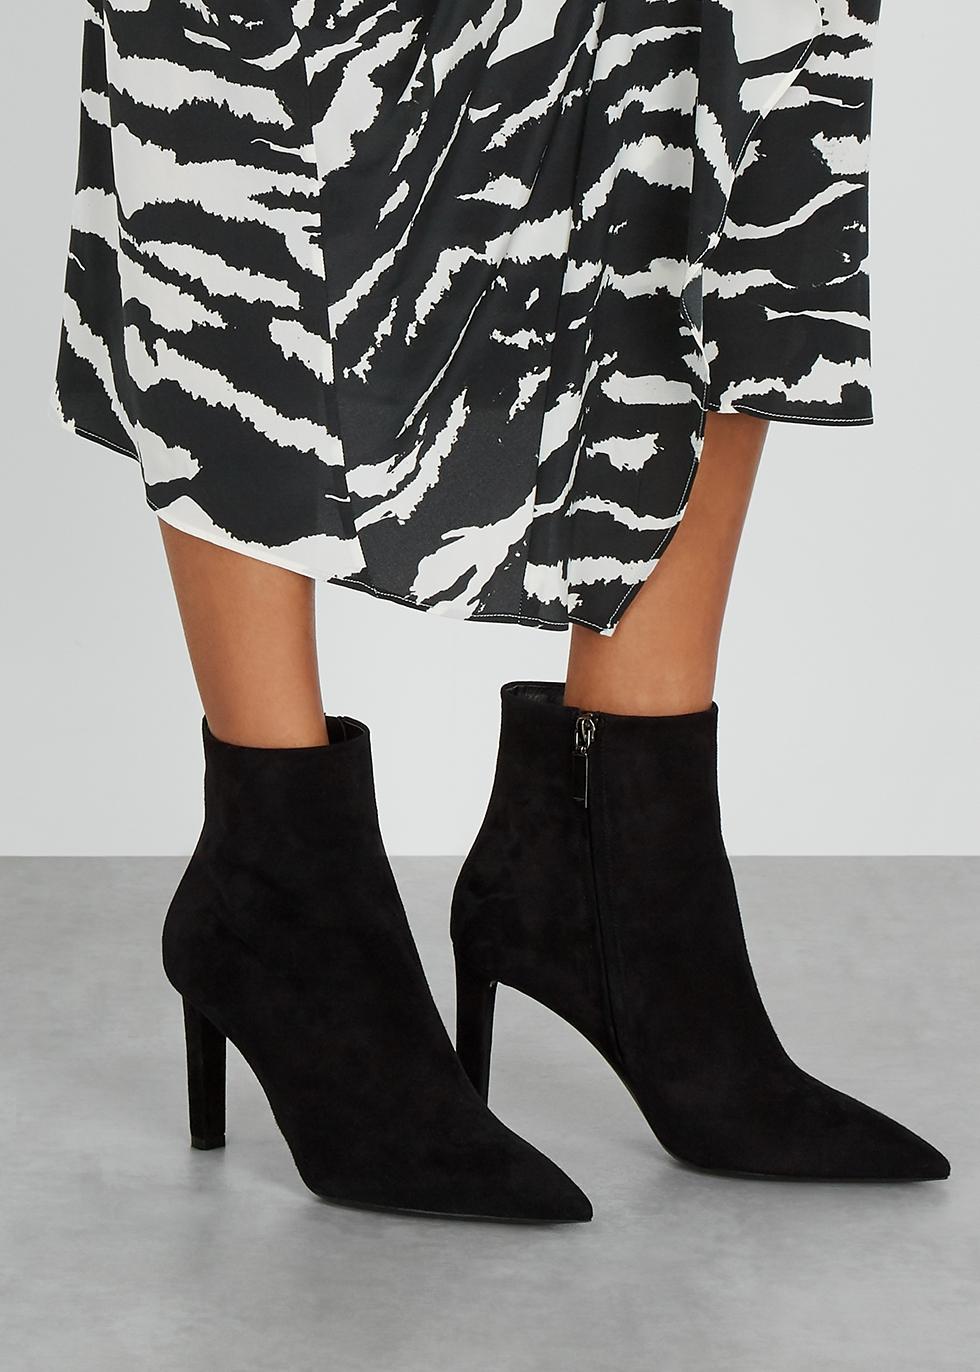 Saint Laurent Kate 85 black suede ankle